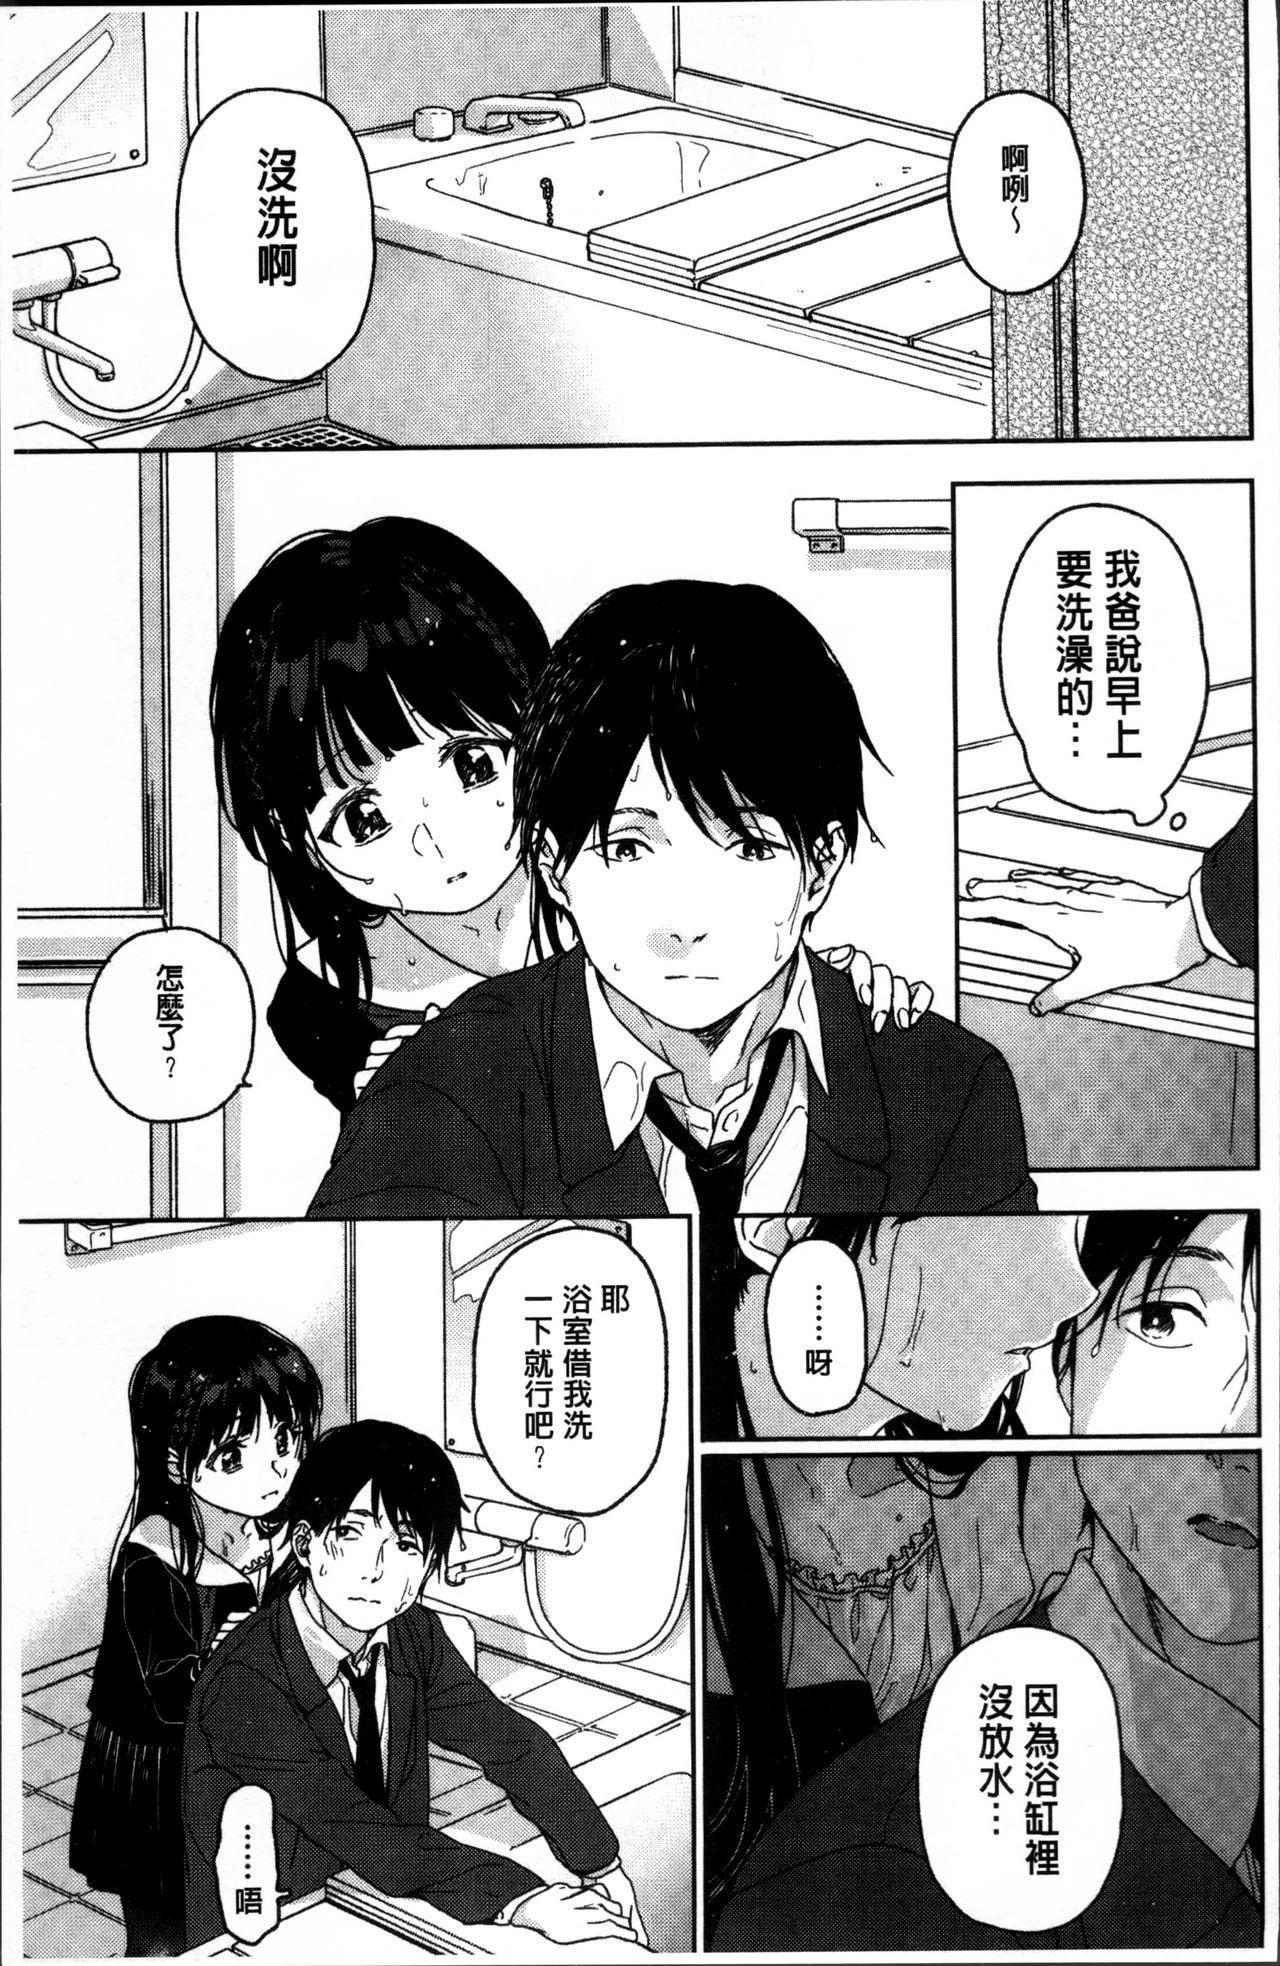 Kanojo no Setsuna 80